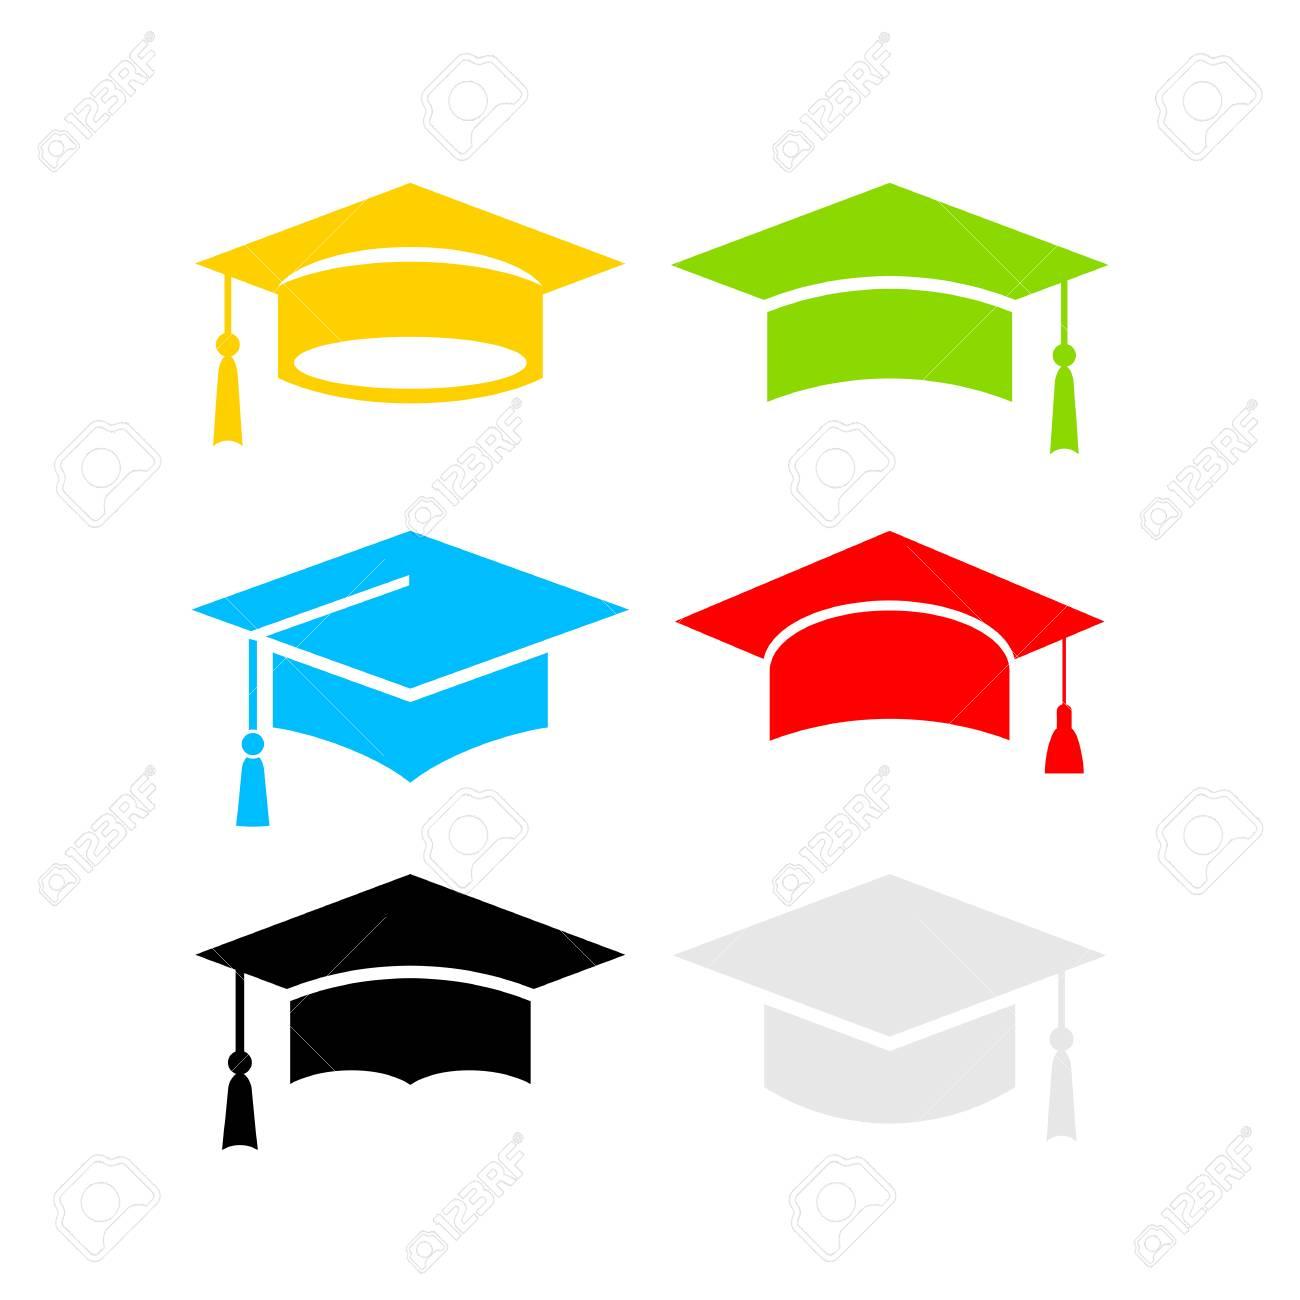 Six color graduation hats - 90026023